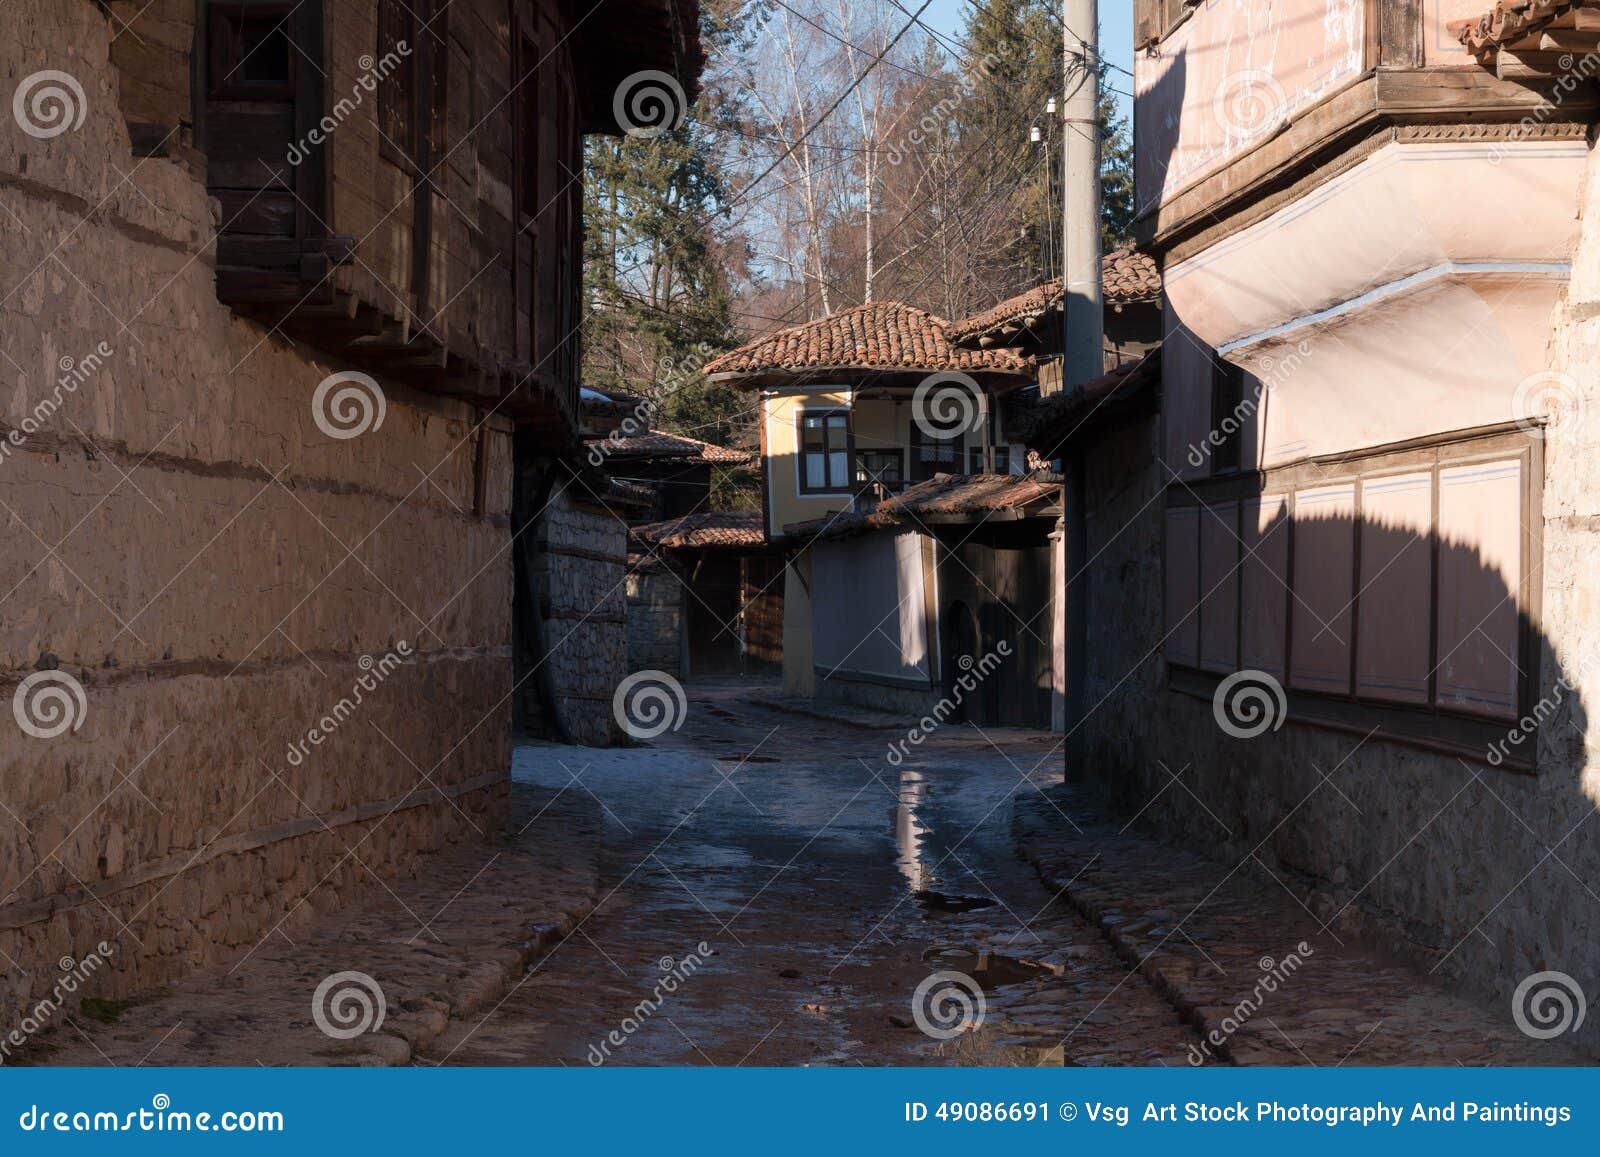 Calle y casas en la ciudad vieja de Koprivshtitsa, Bulgaria